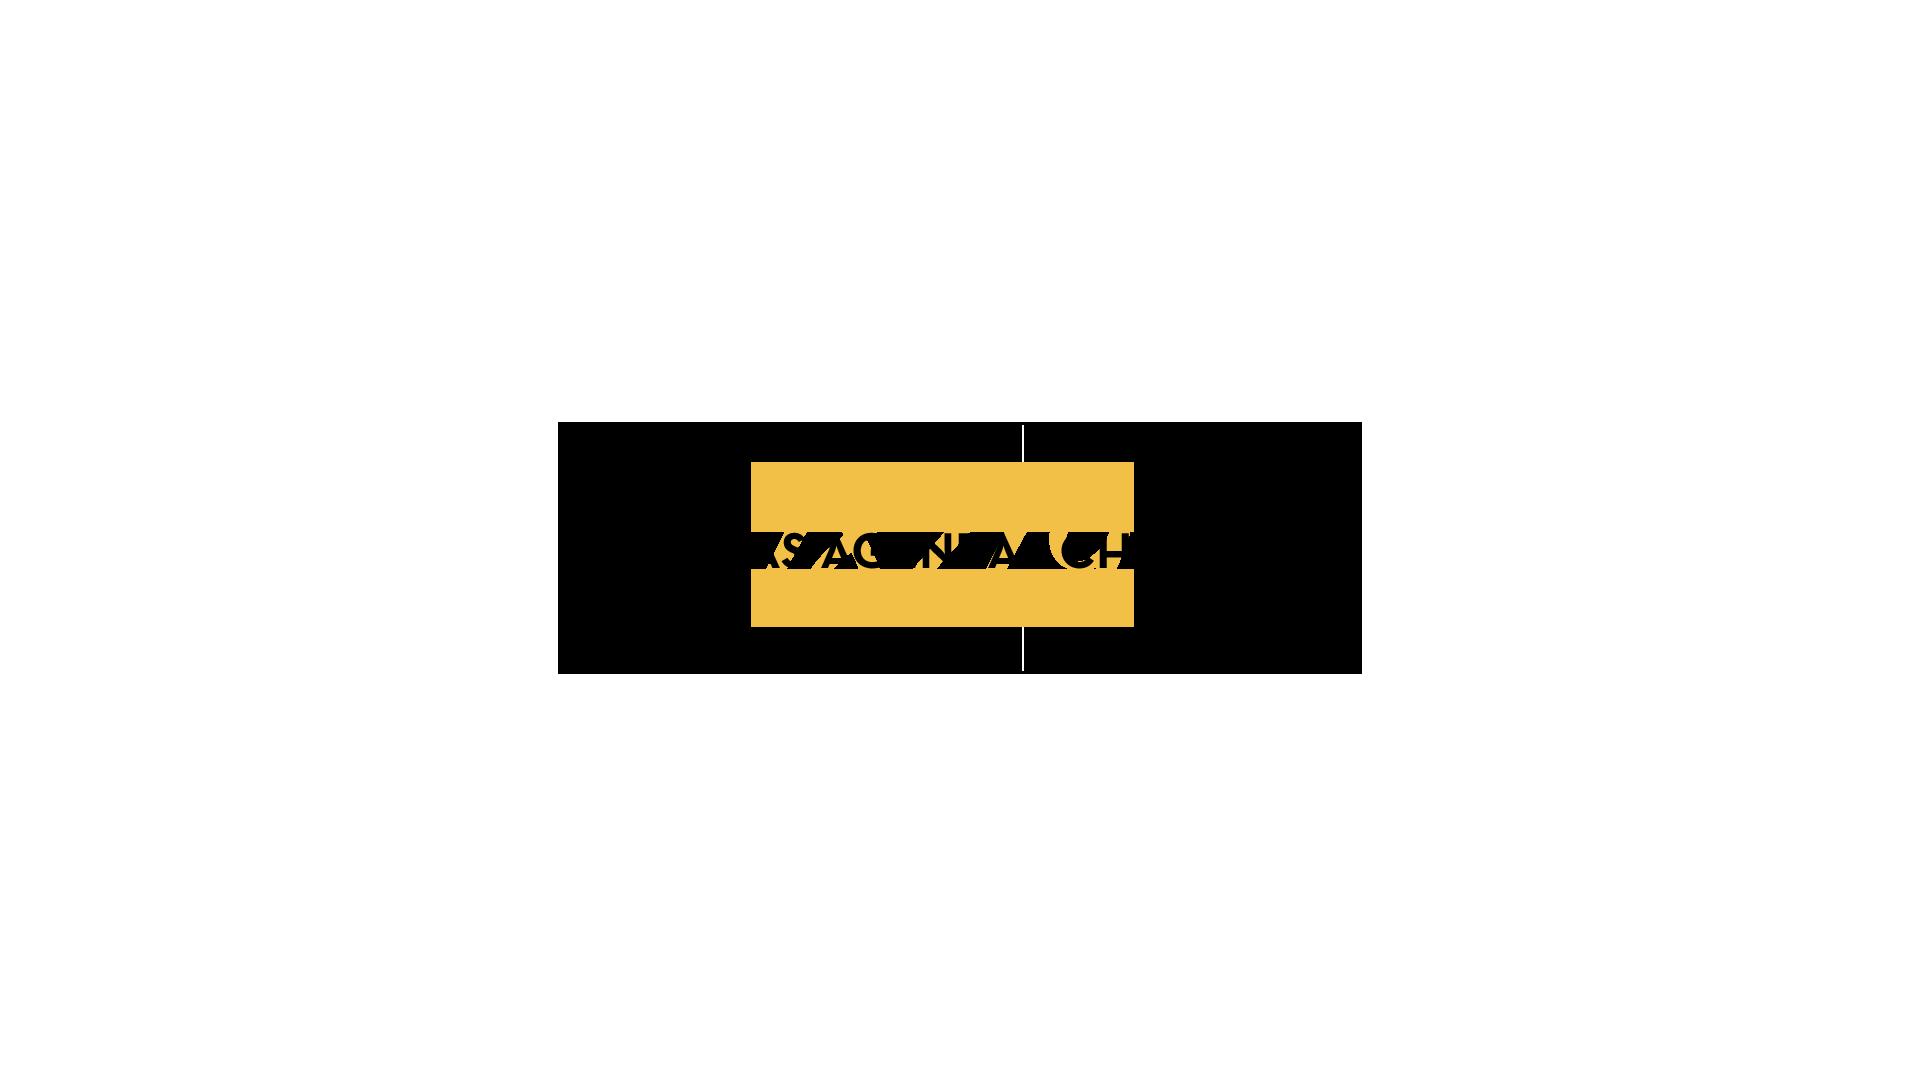 Tipografia-Charuca-2018